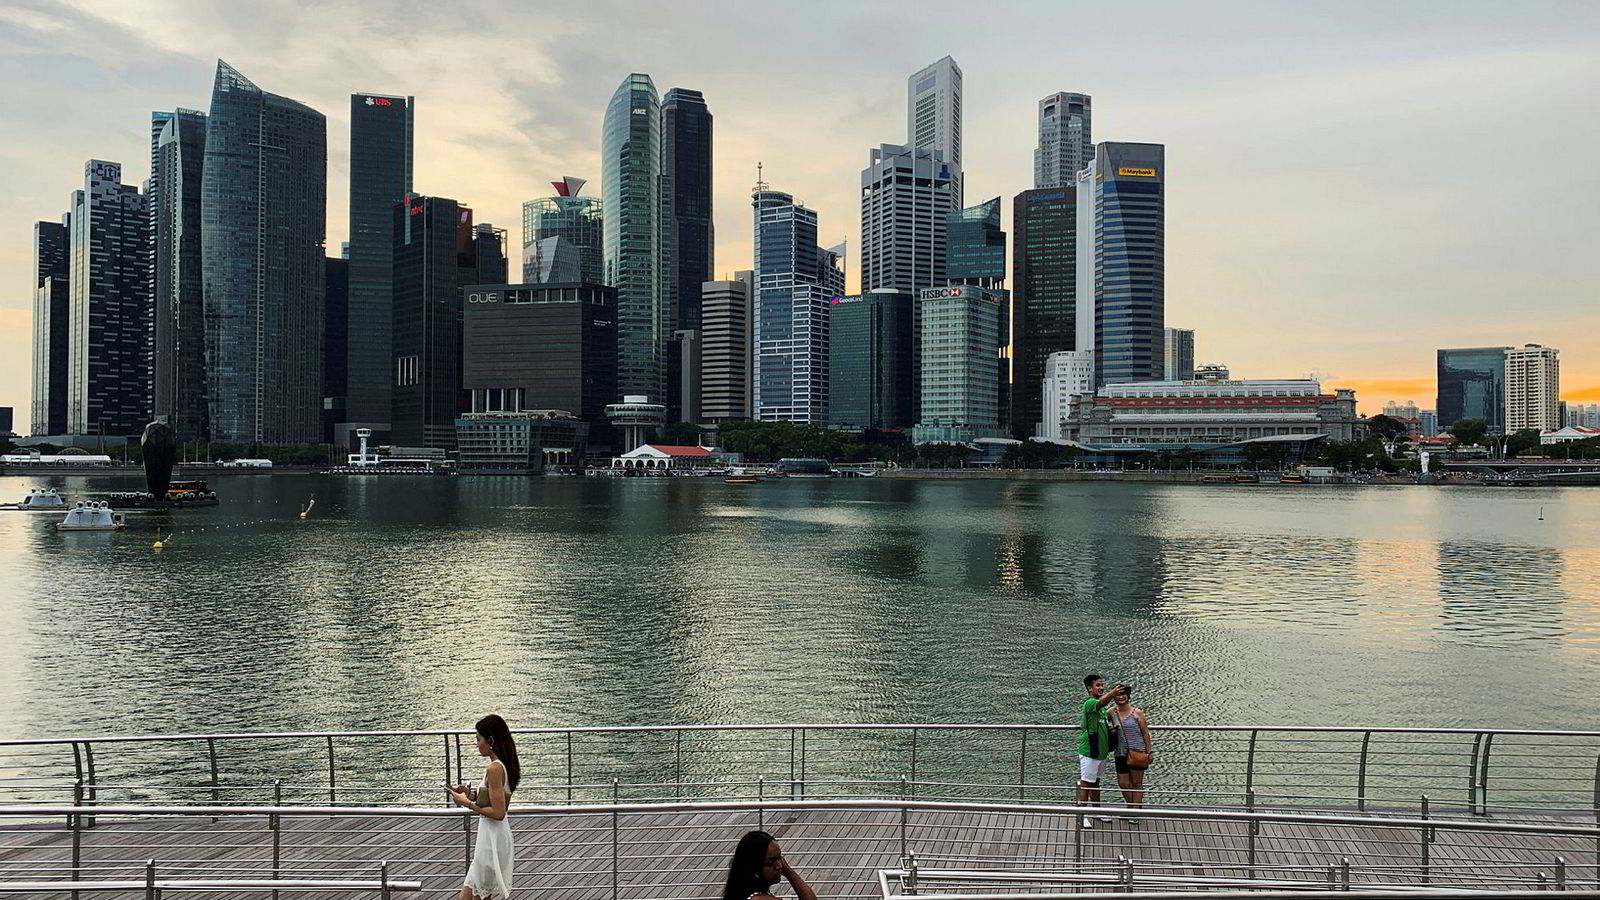 Nesten ingen land i verden er mer avhengig av handel med omverdenen enn Singapore. Nå kan miniputtstaten, som har en av verdens høyeste levestandarder, være på vei mot en resesjon. Pilene peker rett ned.